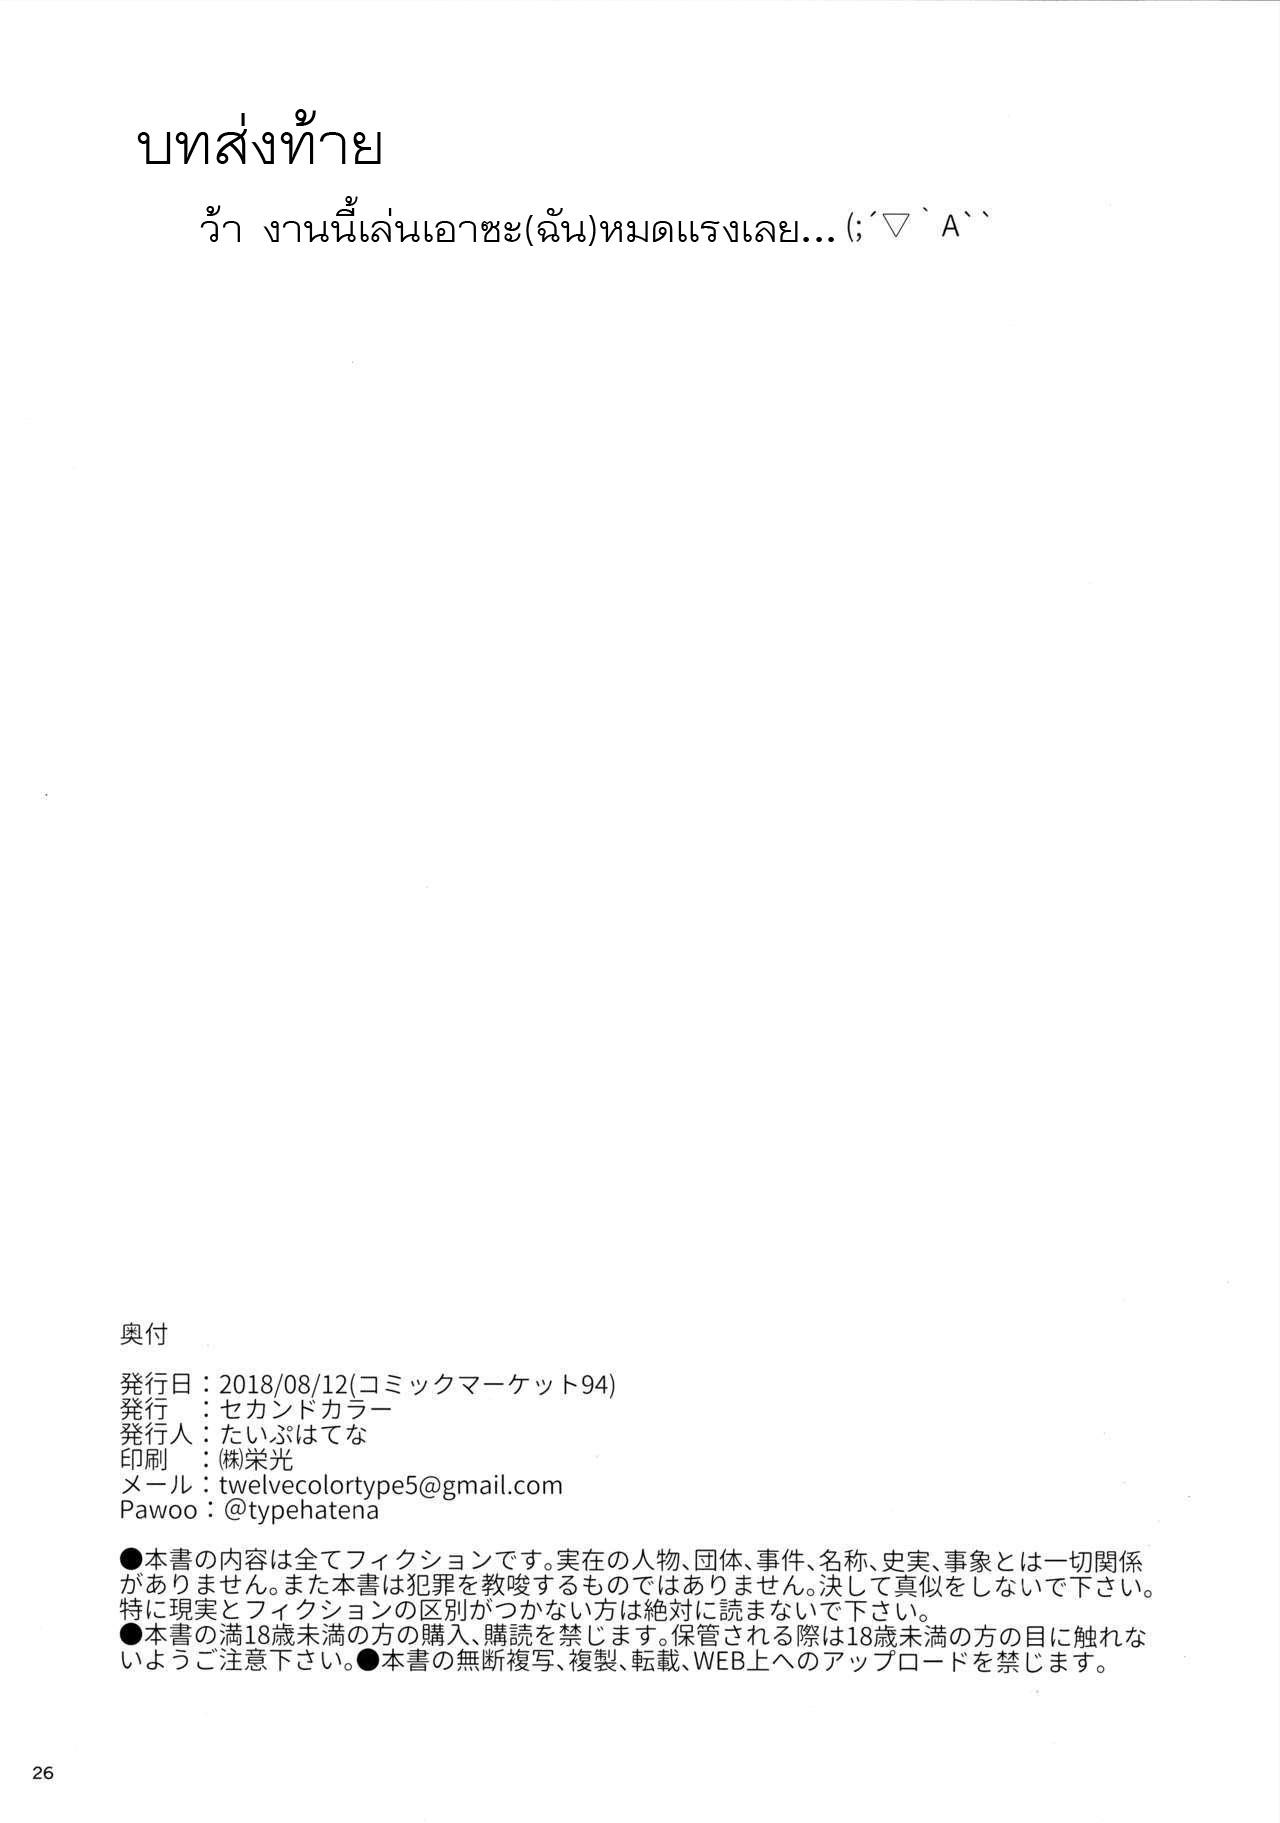 ขอลองเป็นพระเอก ภาพ 25